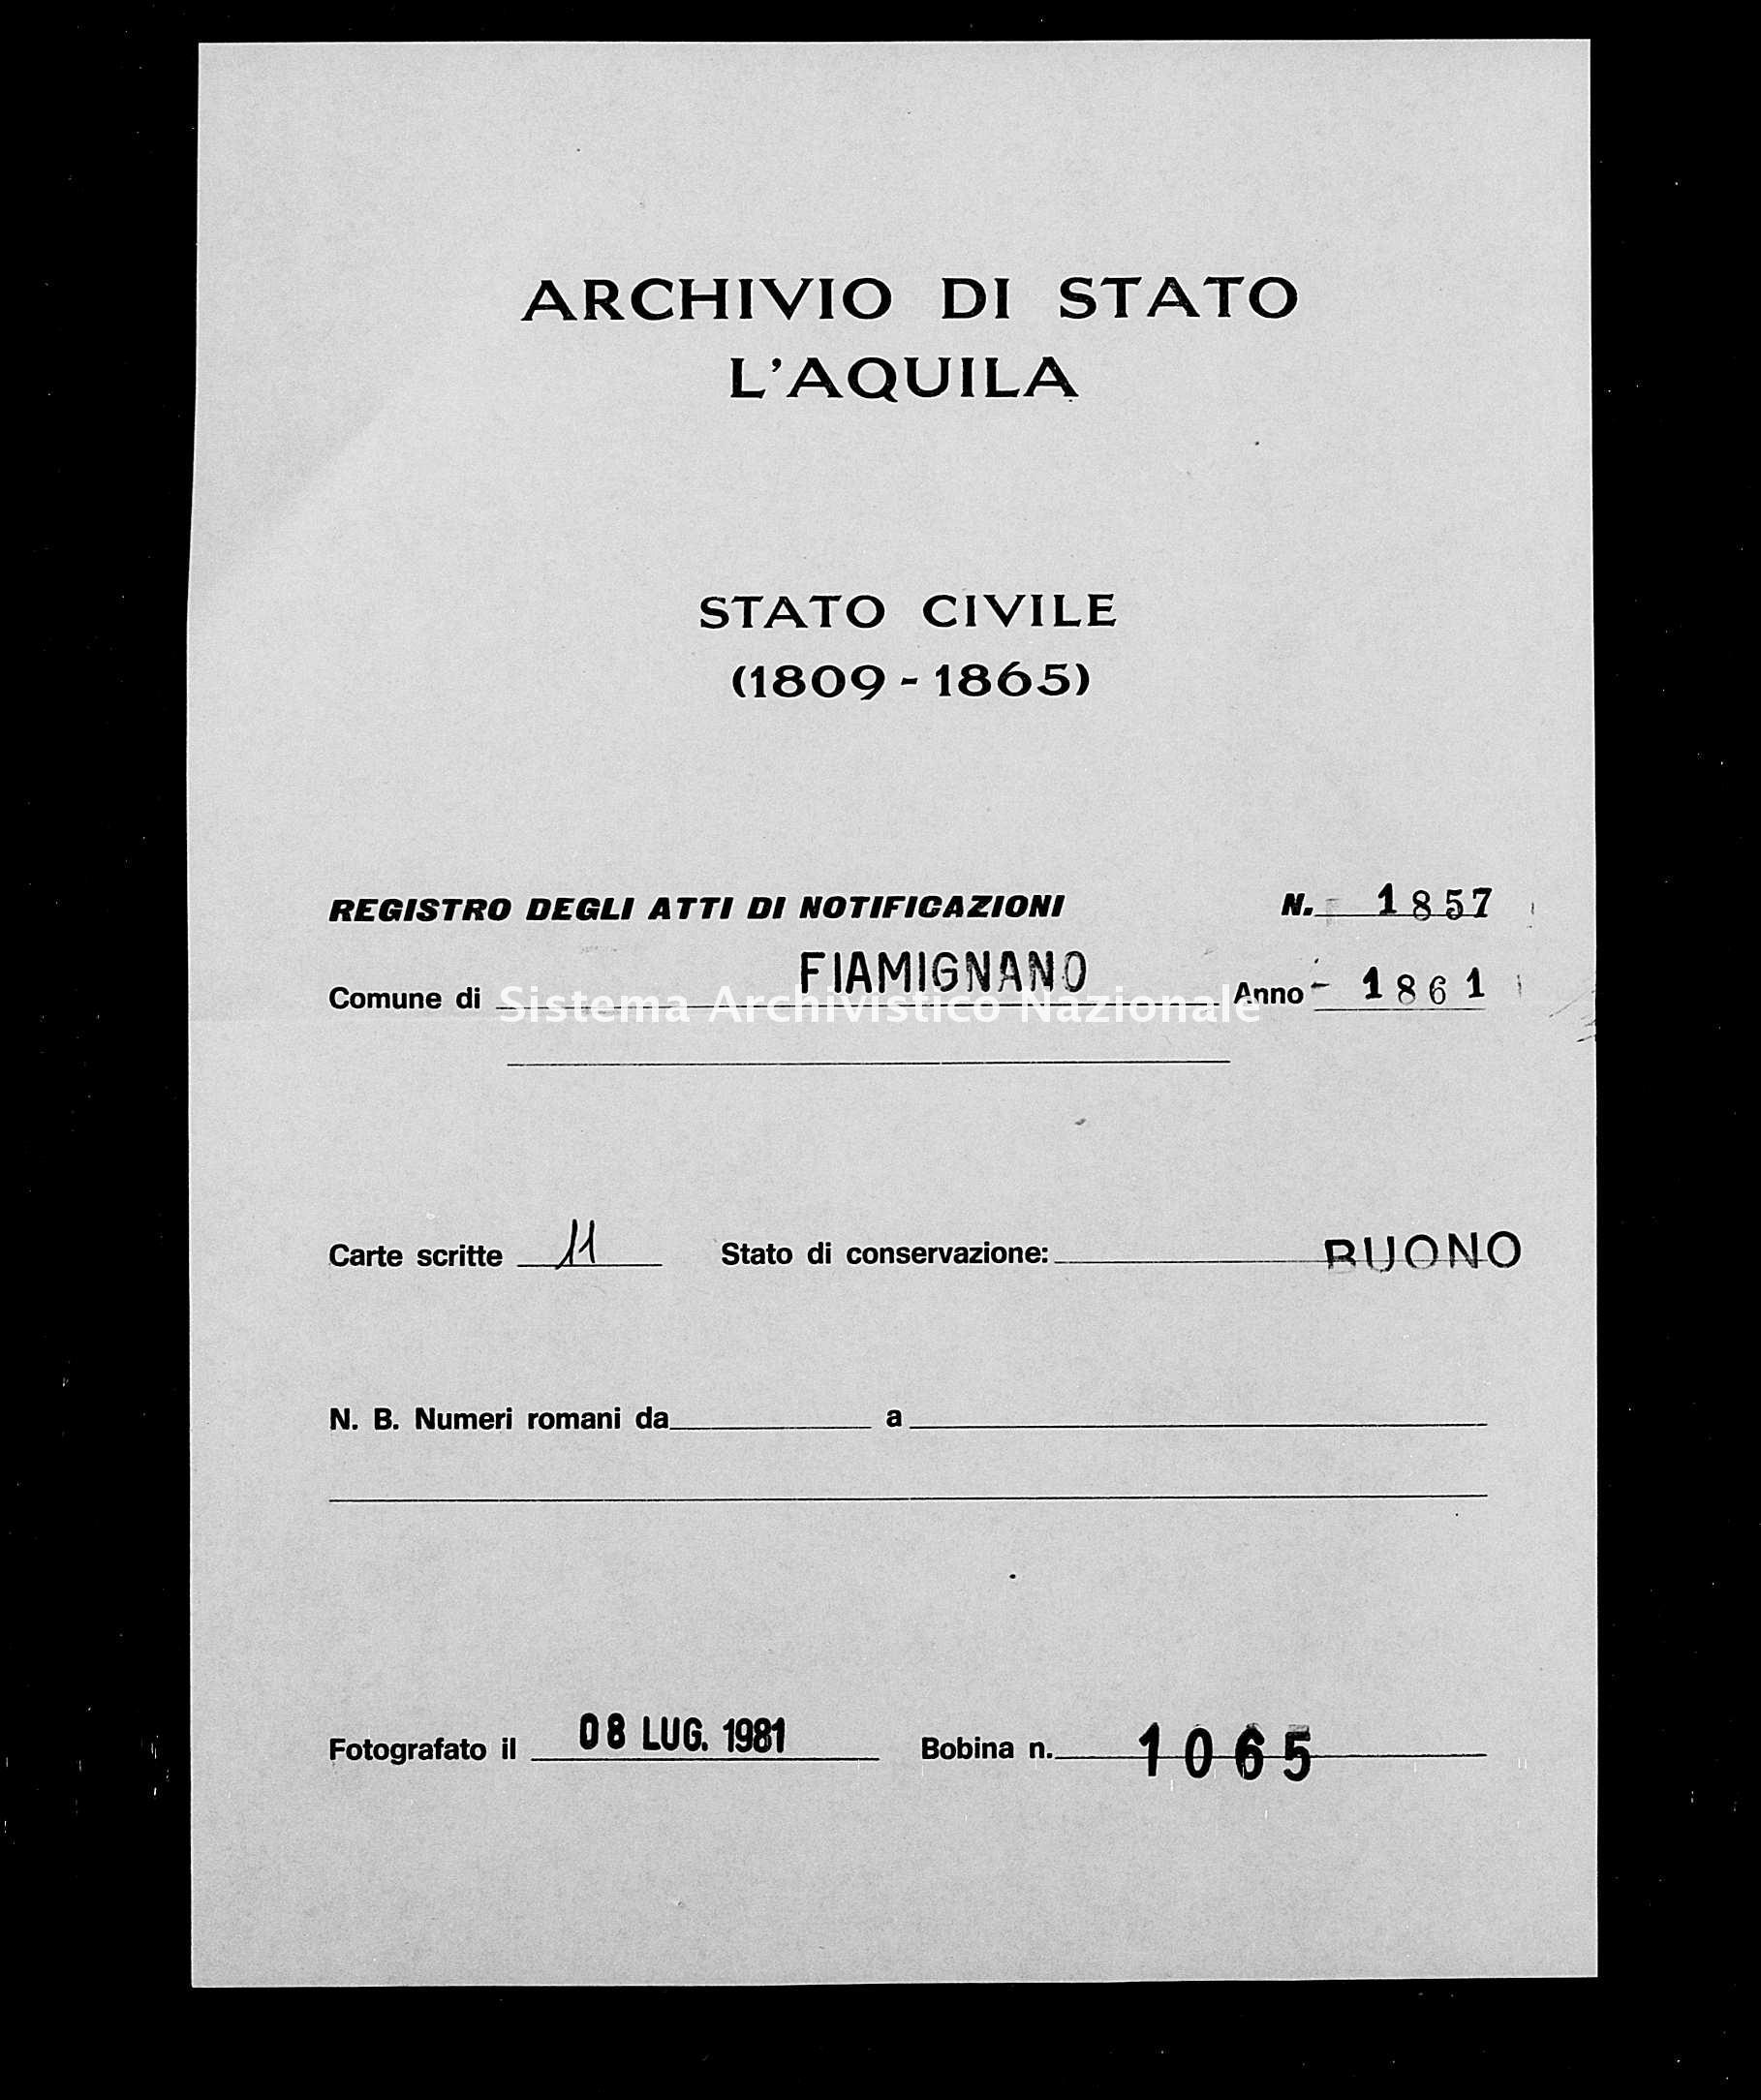 Archivio di stato di L'aquila - Stato civile italiano - Fiamignano - Matrimoni, memorandum notificazioni ed opposizioni - 1861 - 1857 -